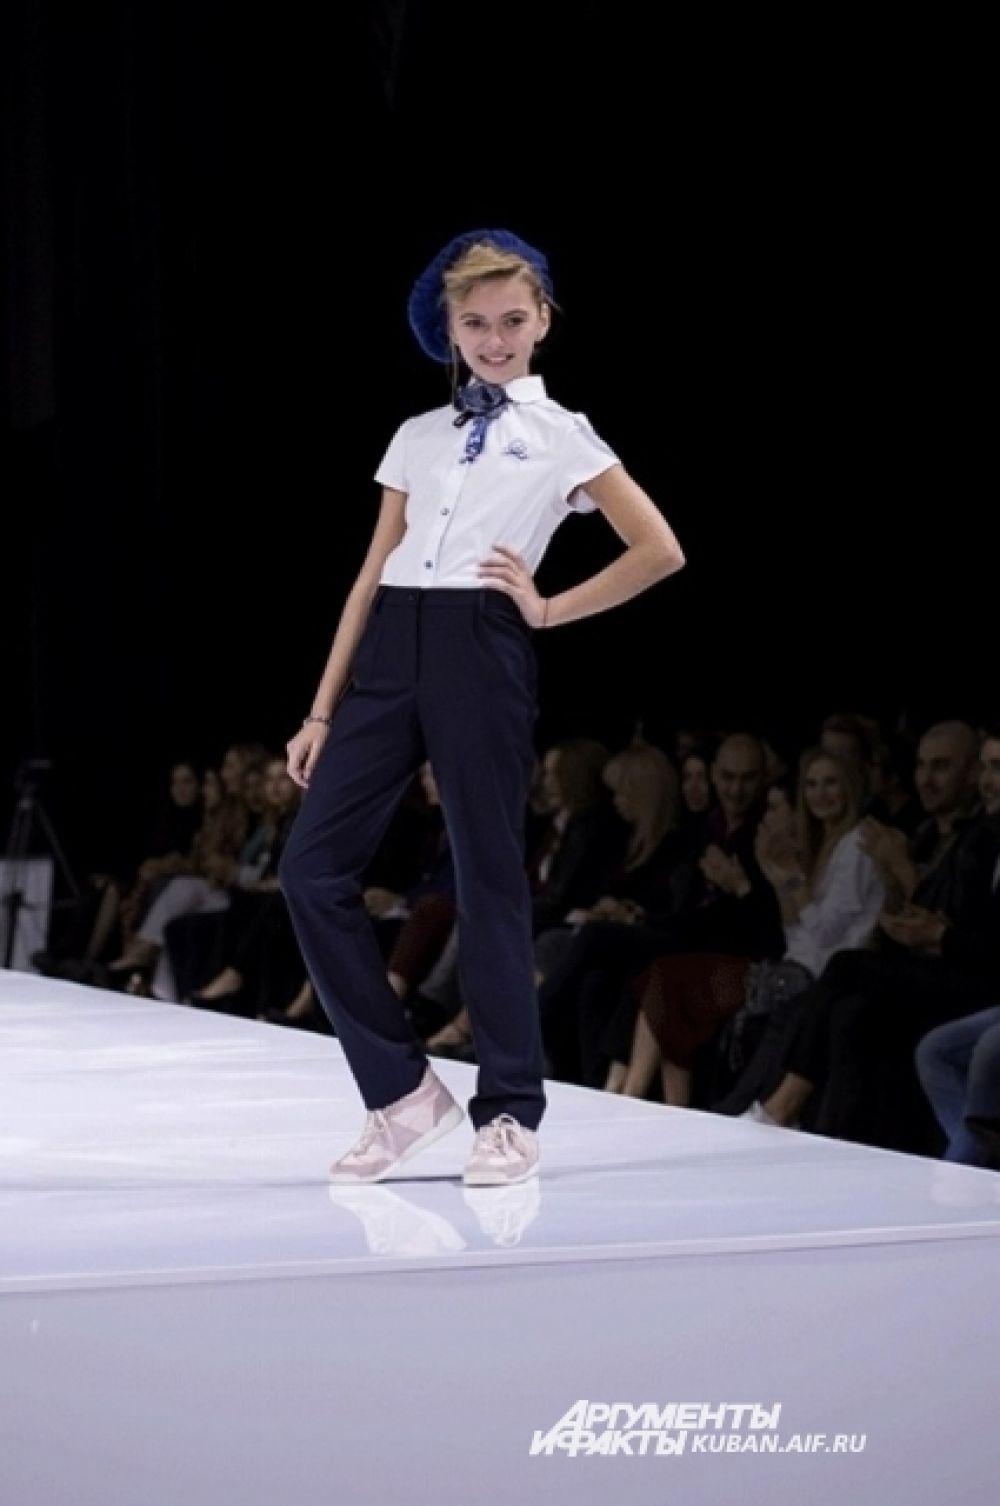 Моделями, которые примерили наряды Елены Муравлевой, были простые кубанские школьники.